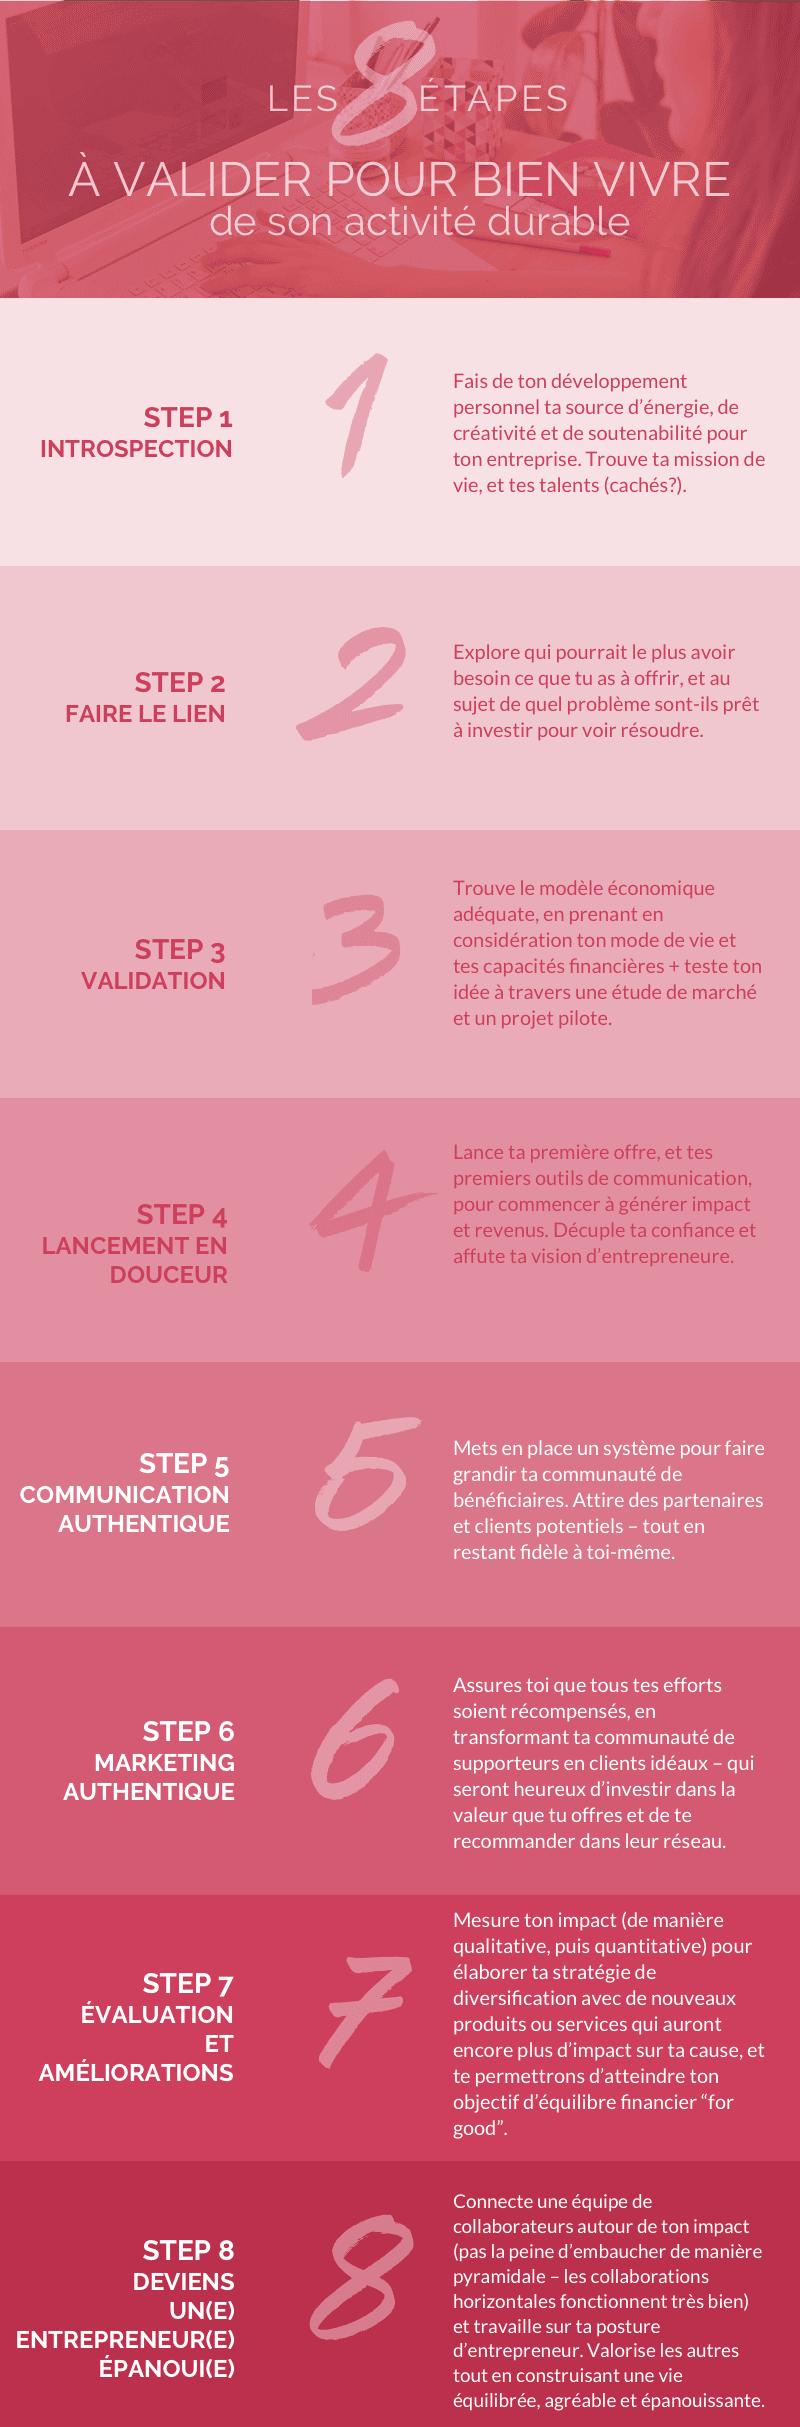 8 steps solene FR